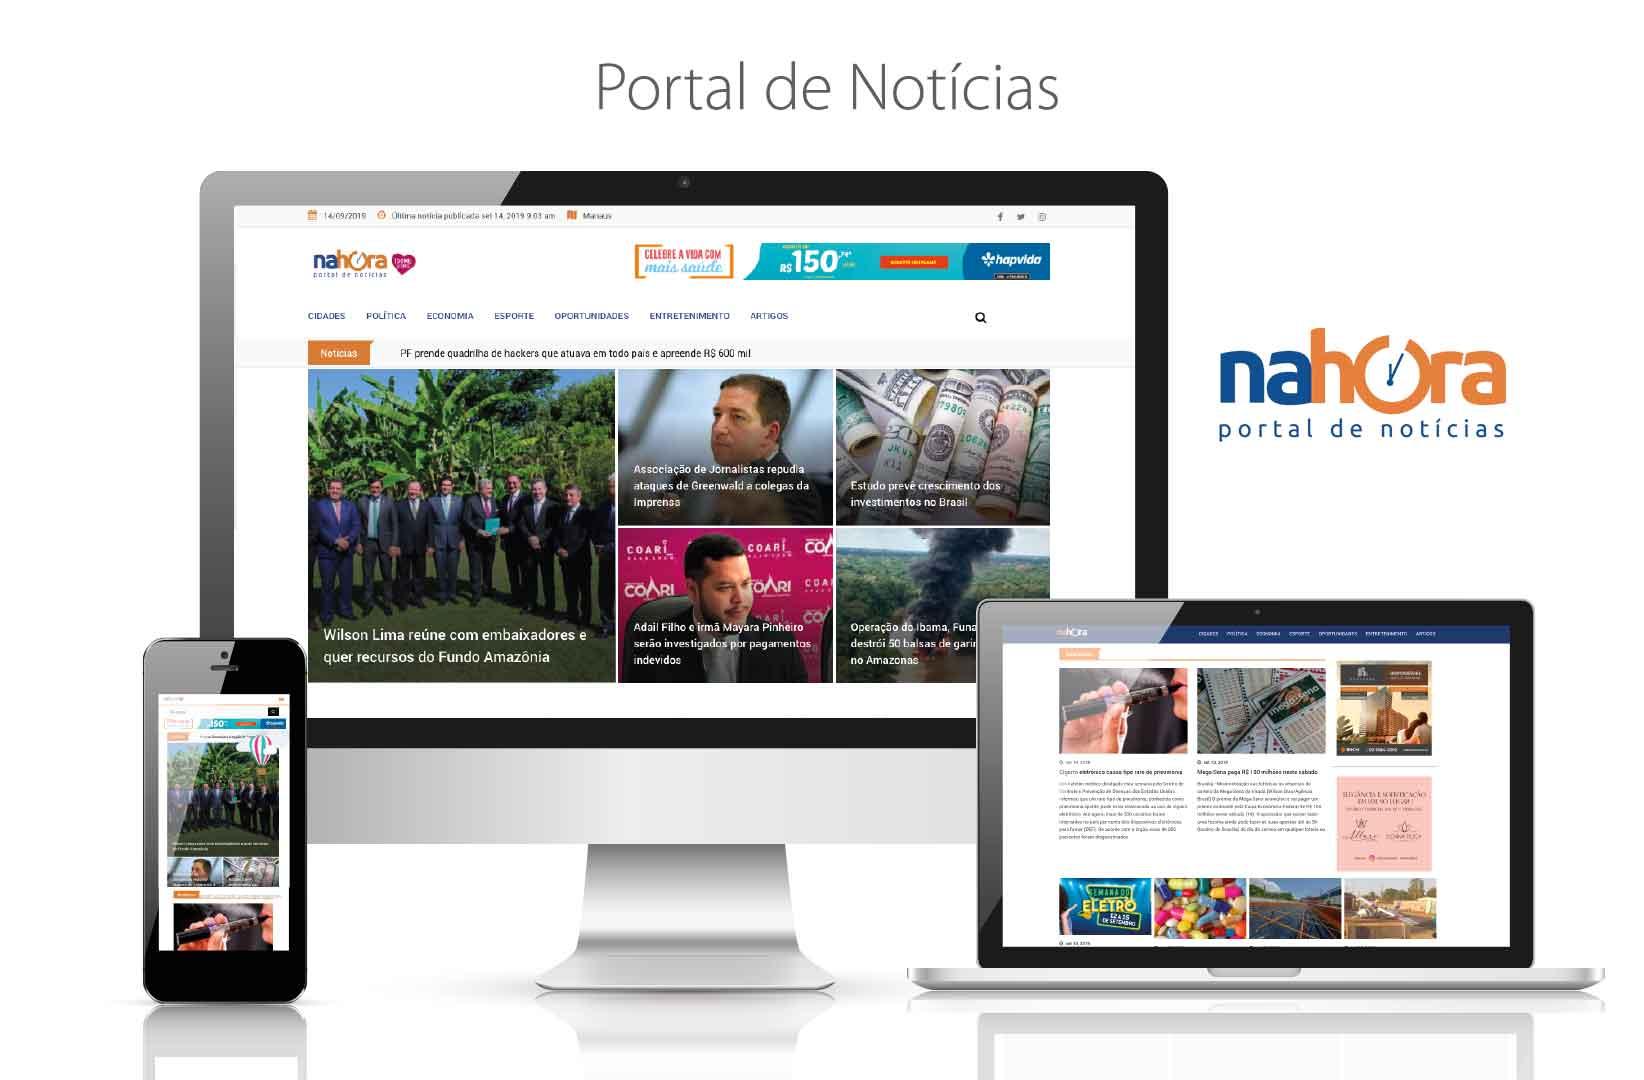 portal-de-noticias-portalnahora